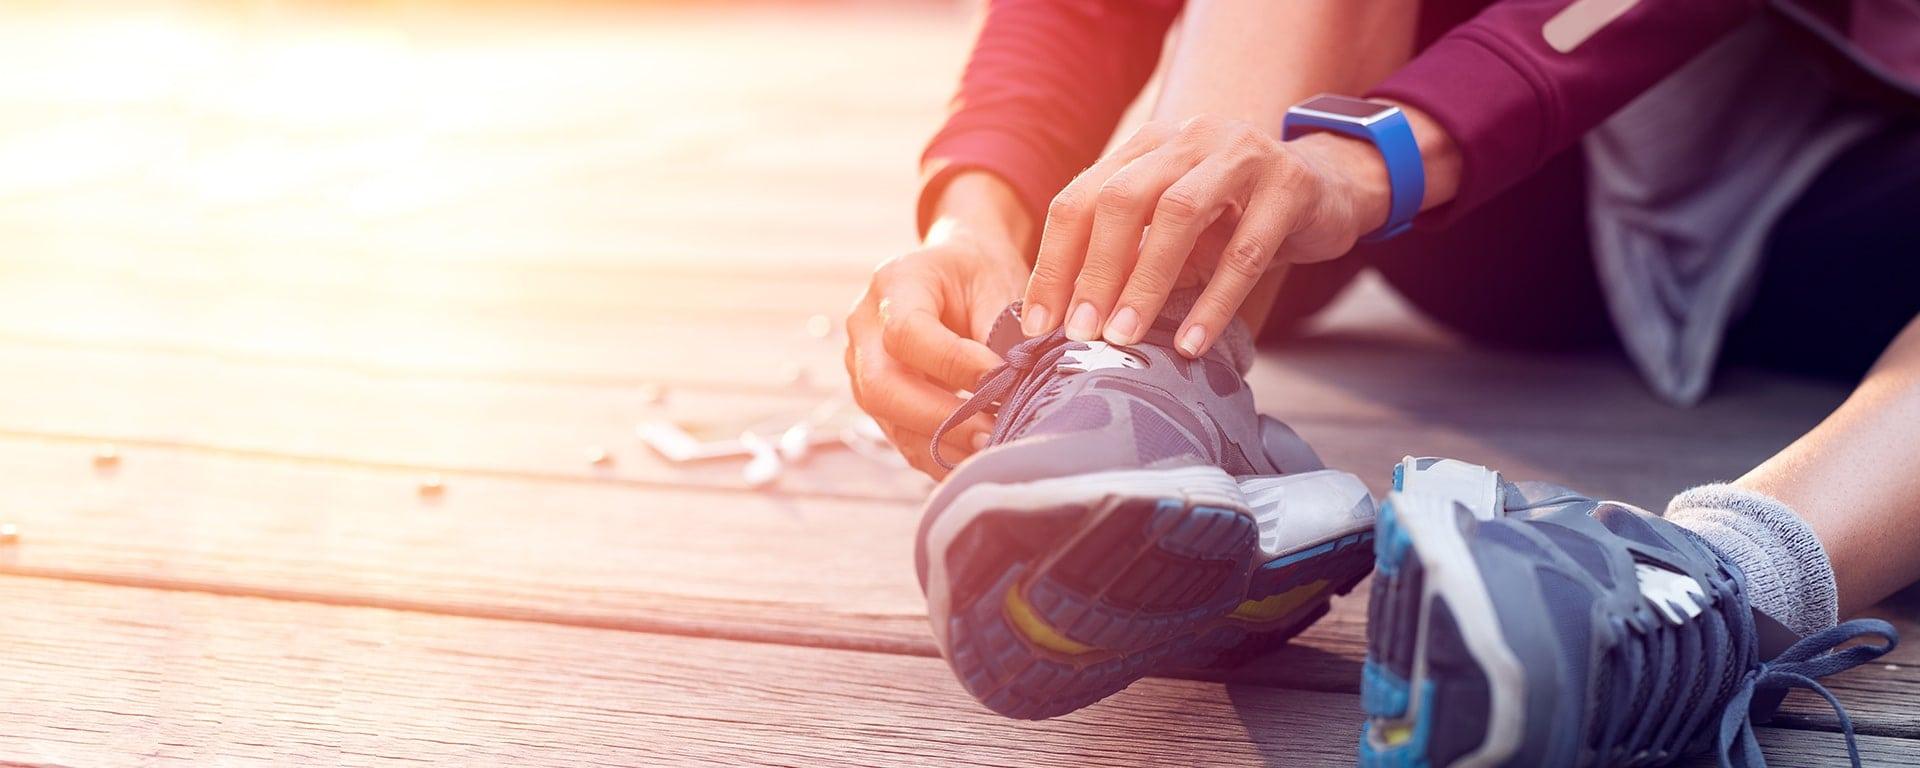 Gesunde Prozesse- Läufer schnürt sich Schuhe zu